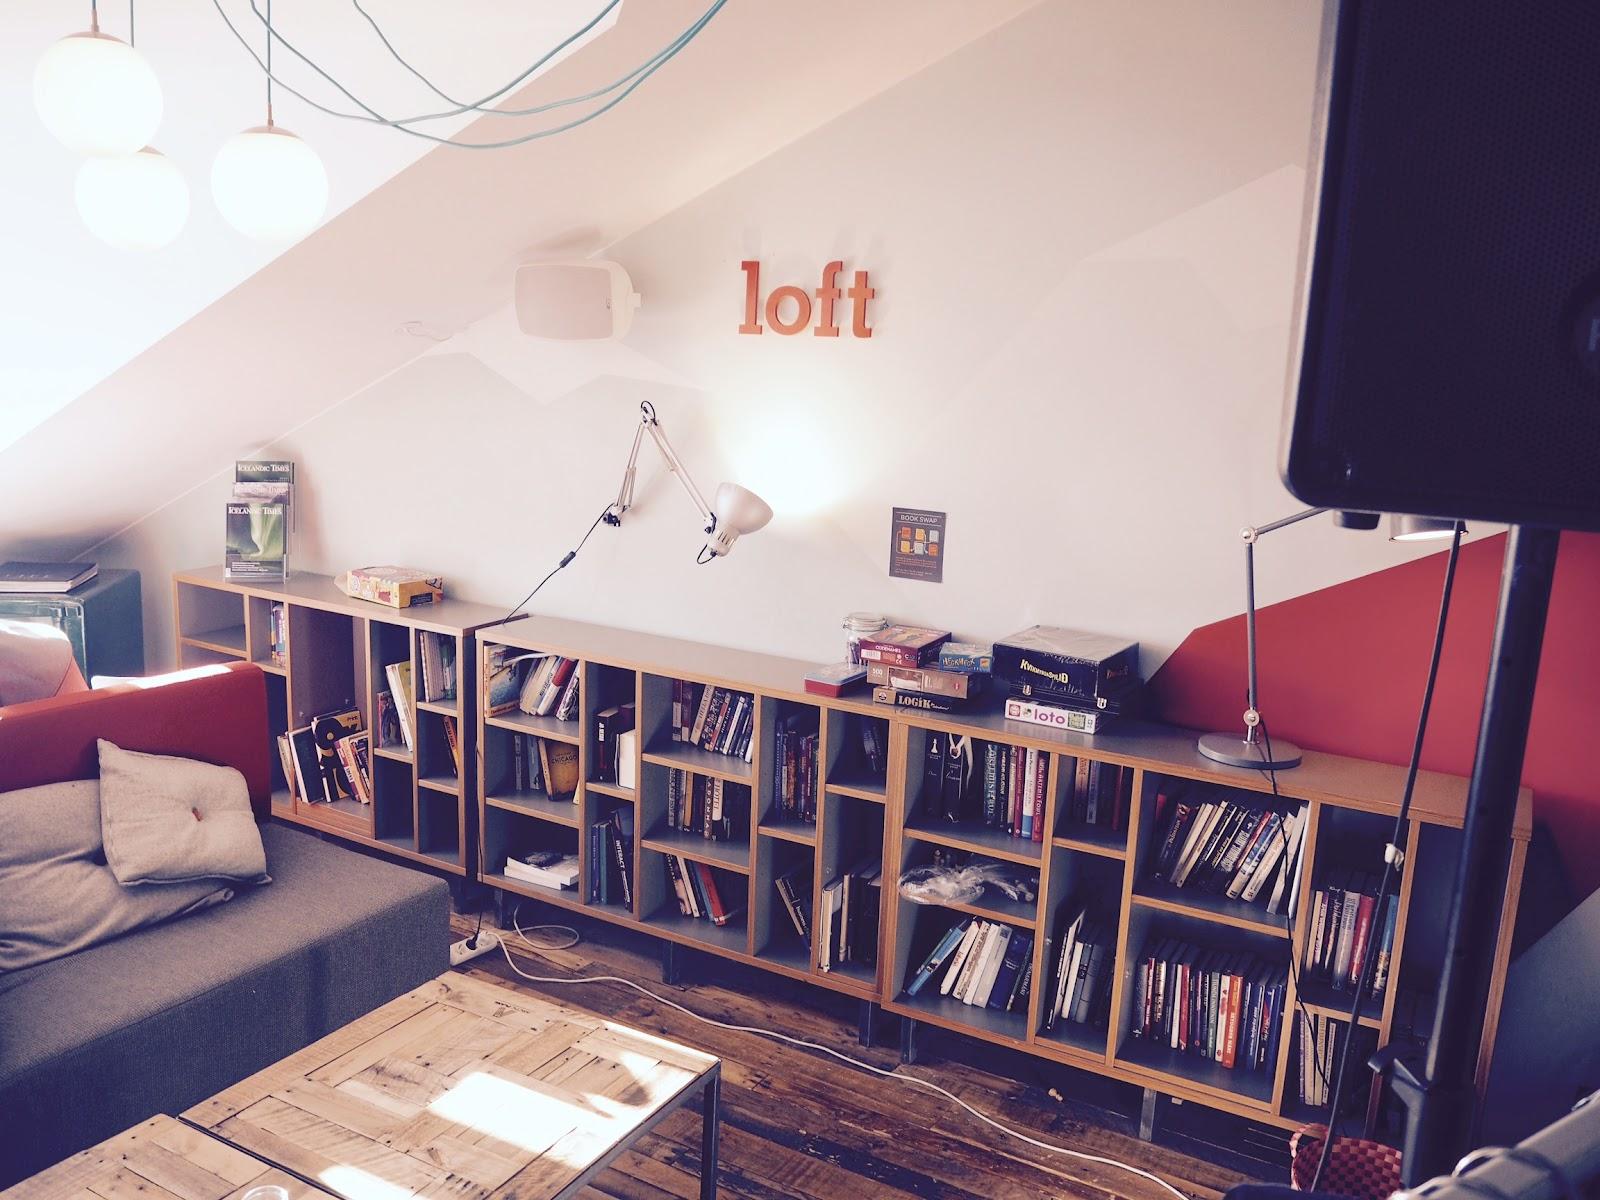 The interior at Loft Hostel.